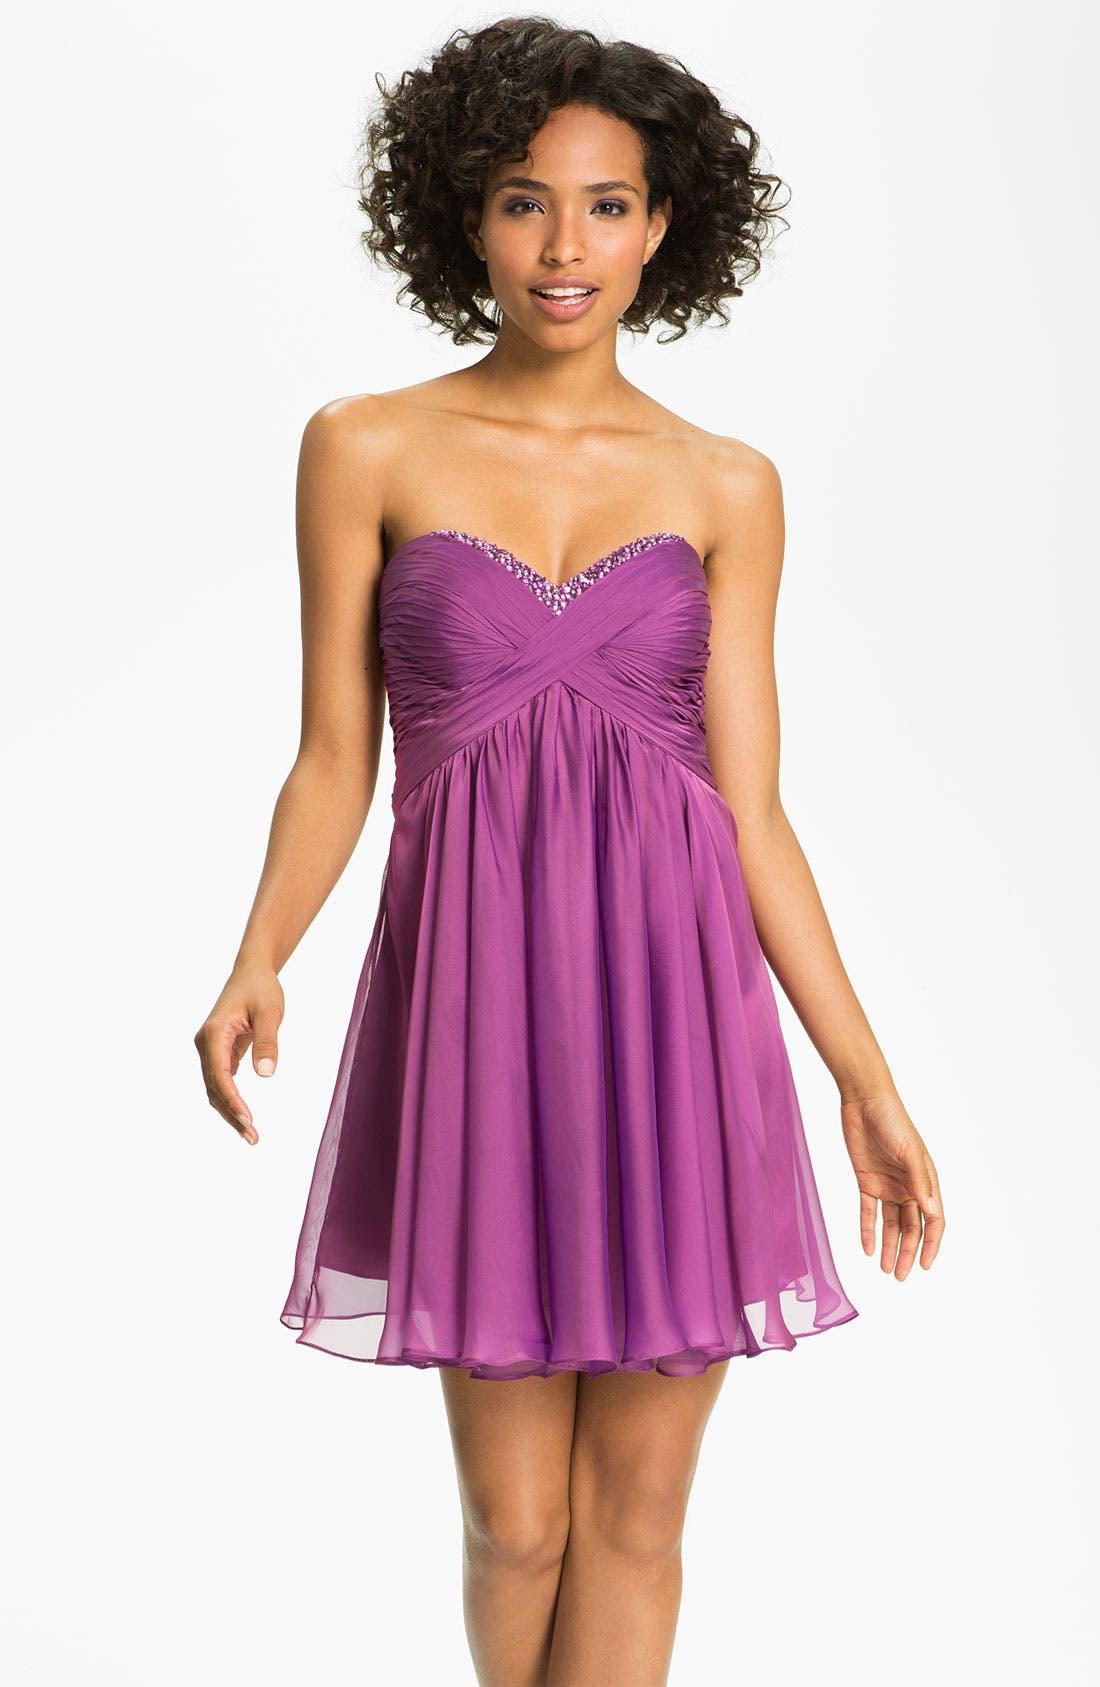 Alternate Image 1 Selected - La Femme Strapless Cutout Back Chiffon Dress